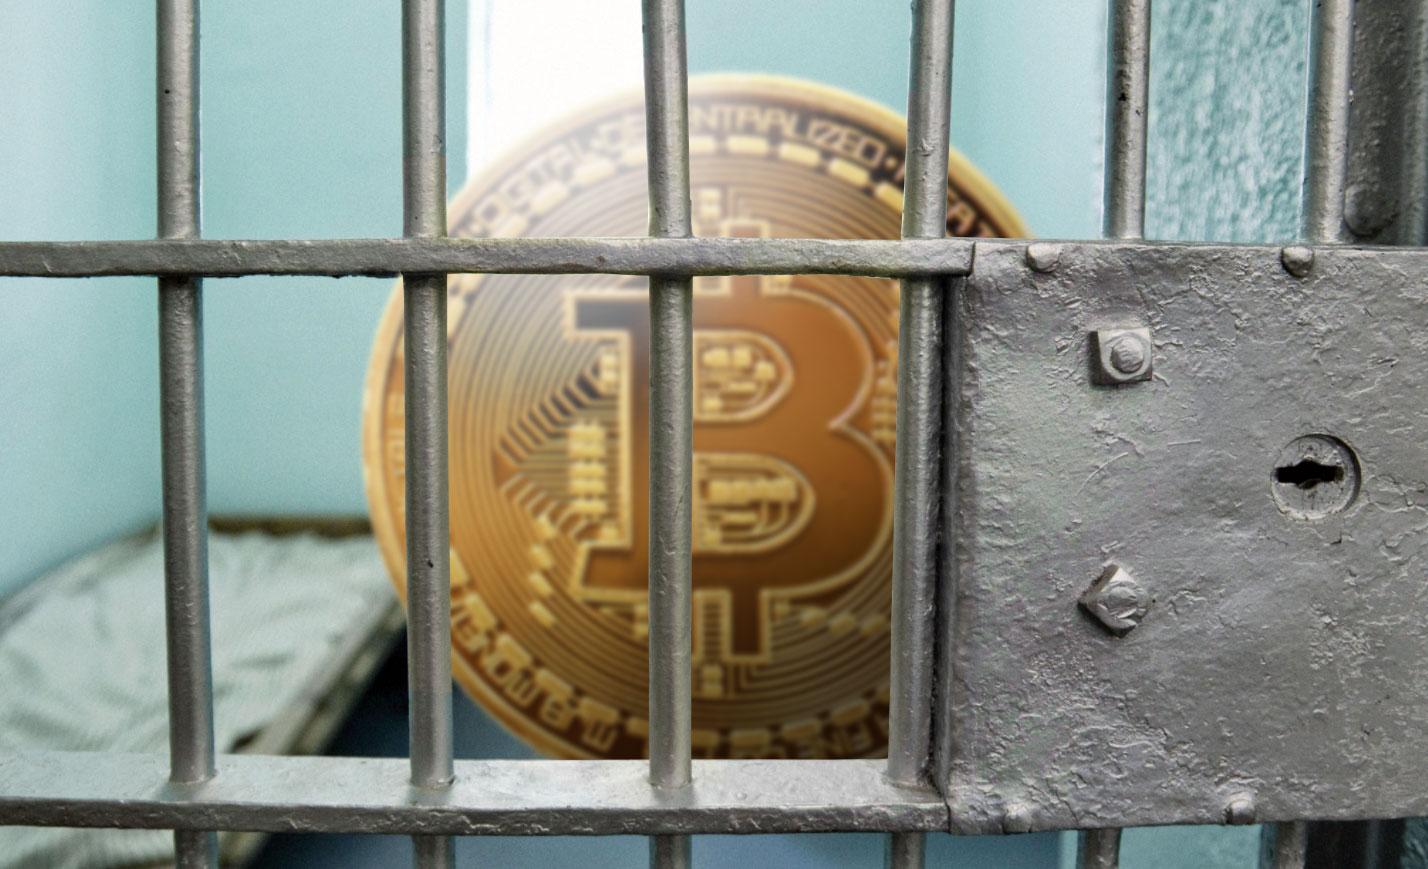 Инвестор-миллиардер: Биткоин могут поставить вне закона, как в свое время золото